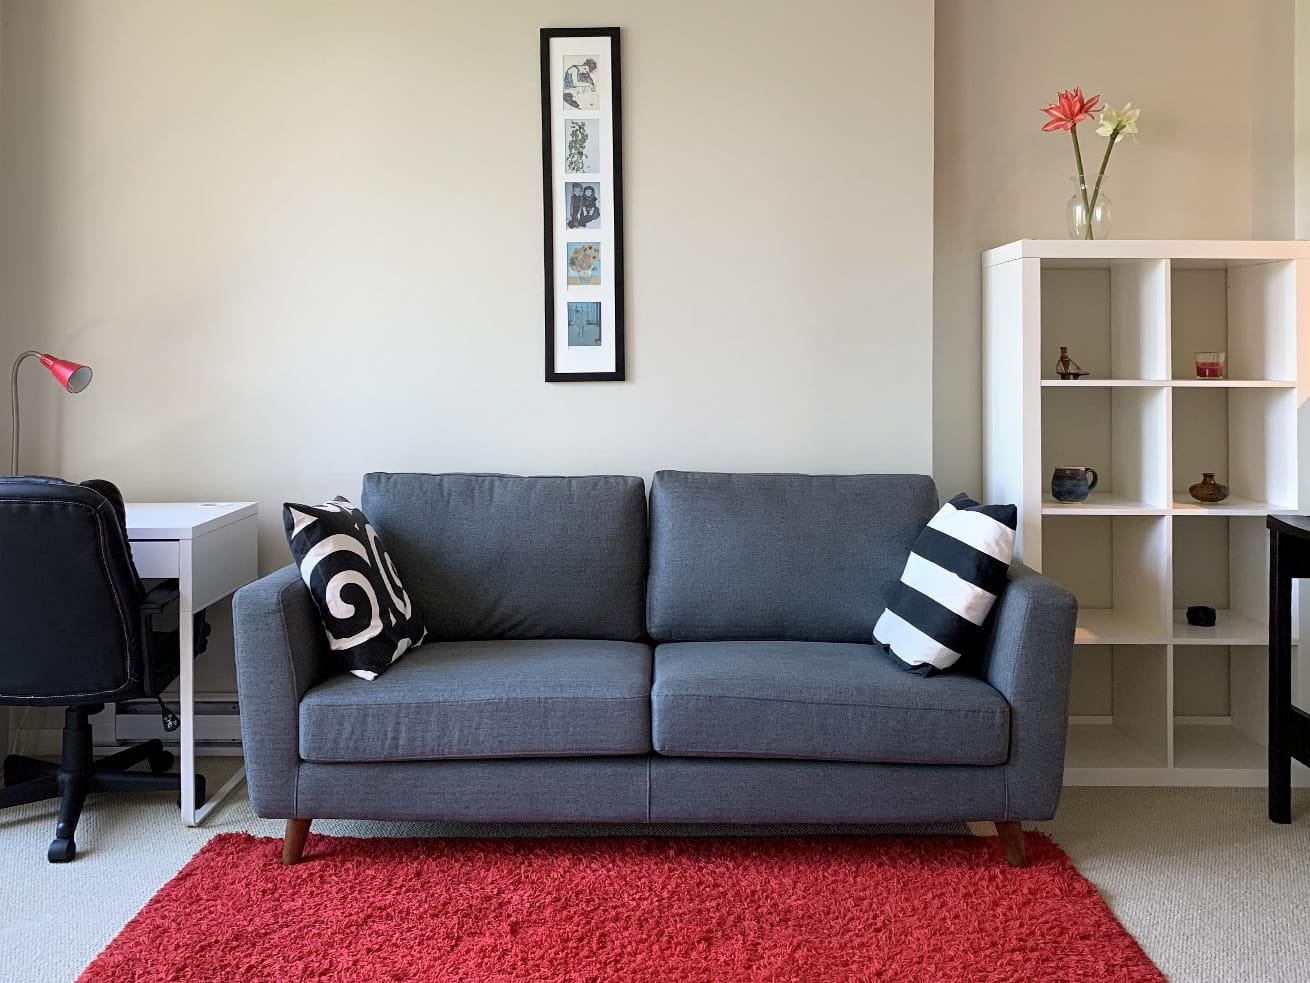 Vancouver condo rentals oscar studio desk sofa